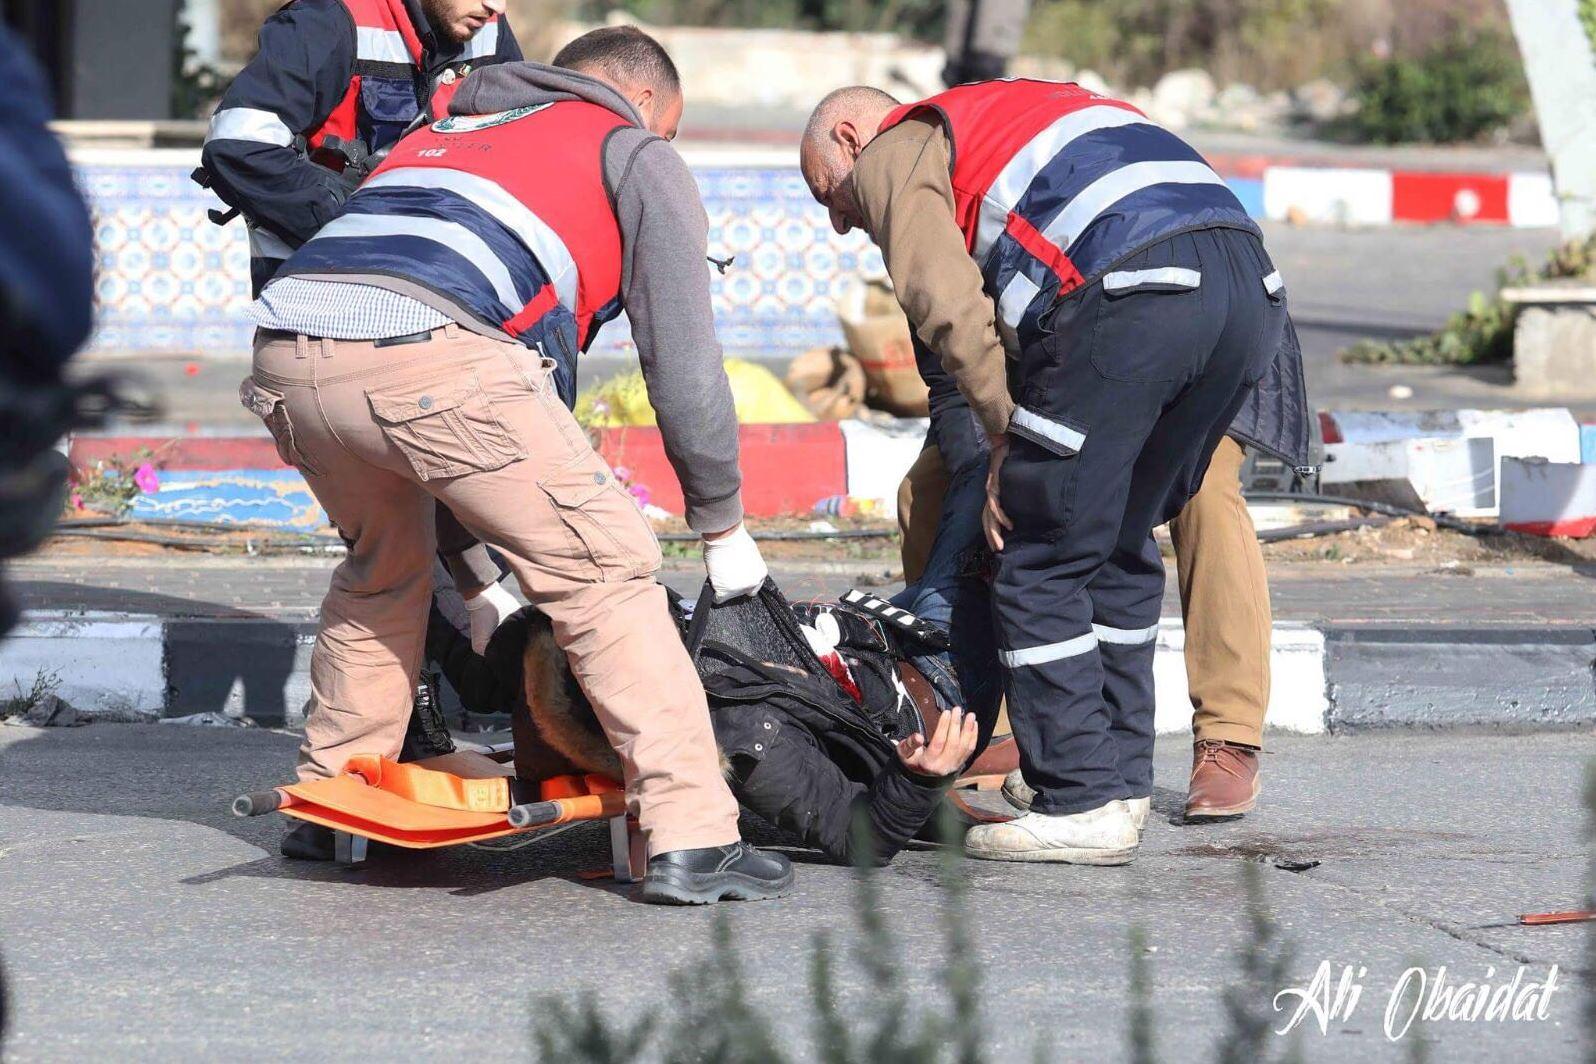 לוחם נפצע בינוני בפיגוע דקירה בכיכר איו״ש – המחבל חוסל בירי